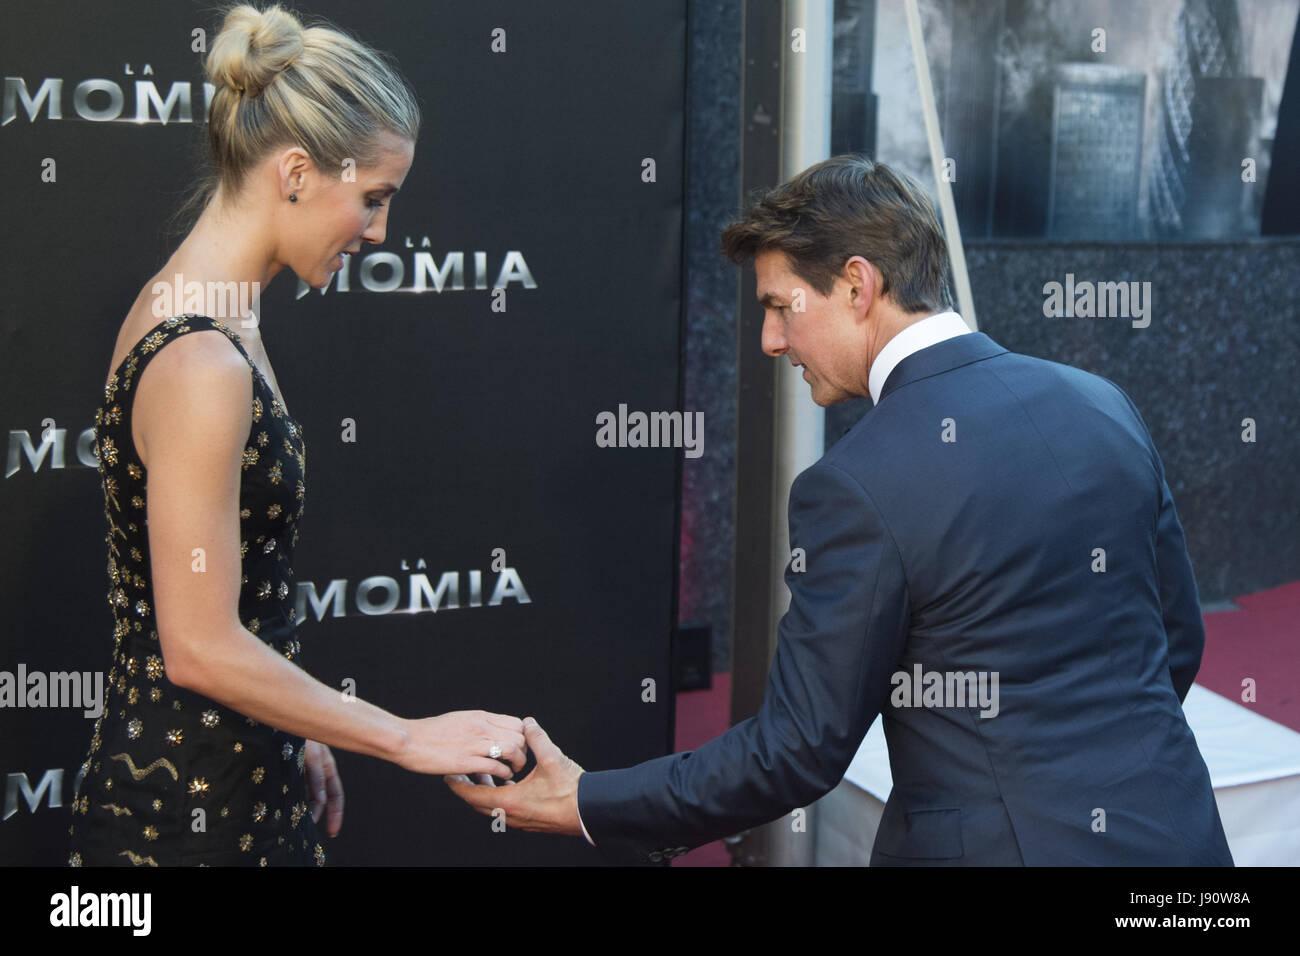 """Madrid, España. 29 Mayo, 2017. Annabelle Wallis y Tom Cruise asistir a """"La Momia"""" estreno en el Cine Imagen De Stock"""